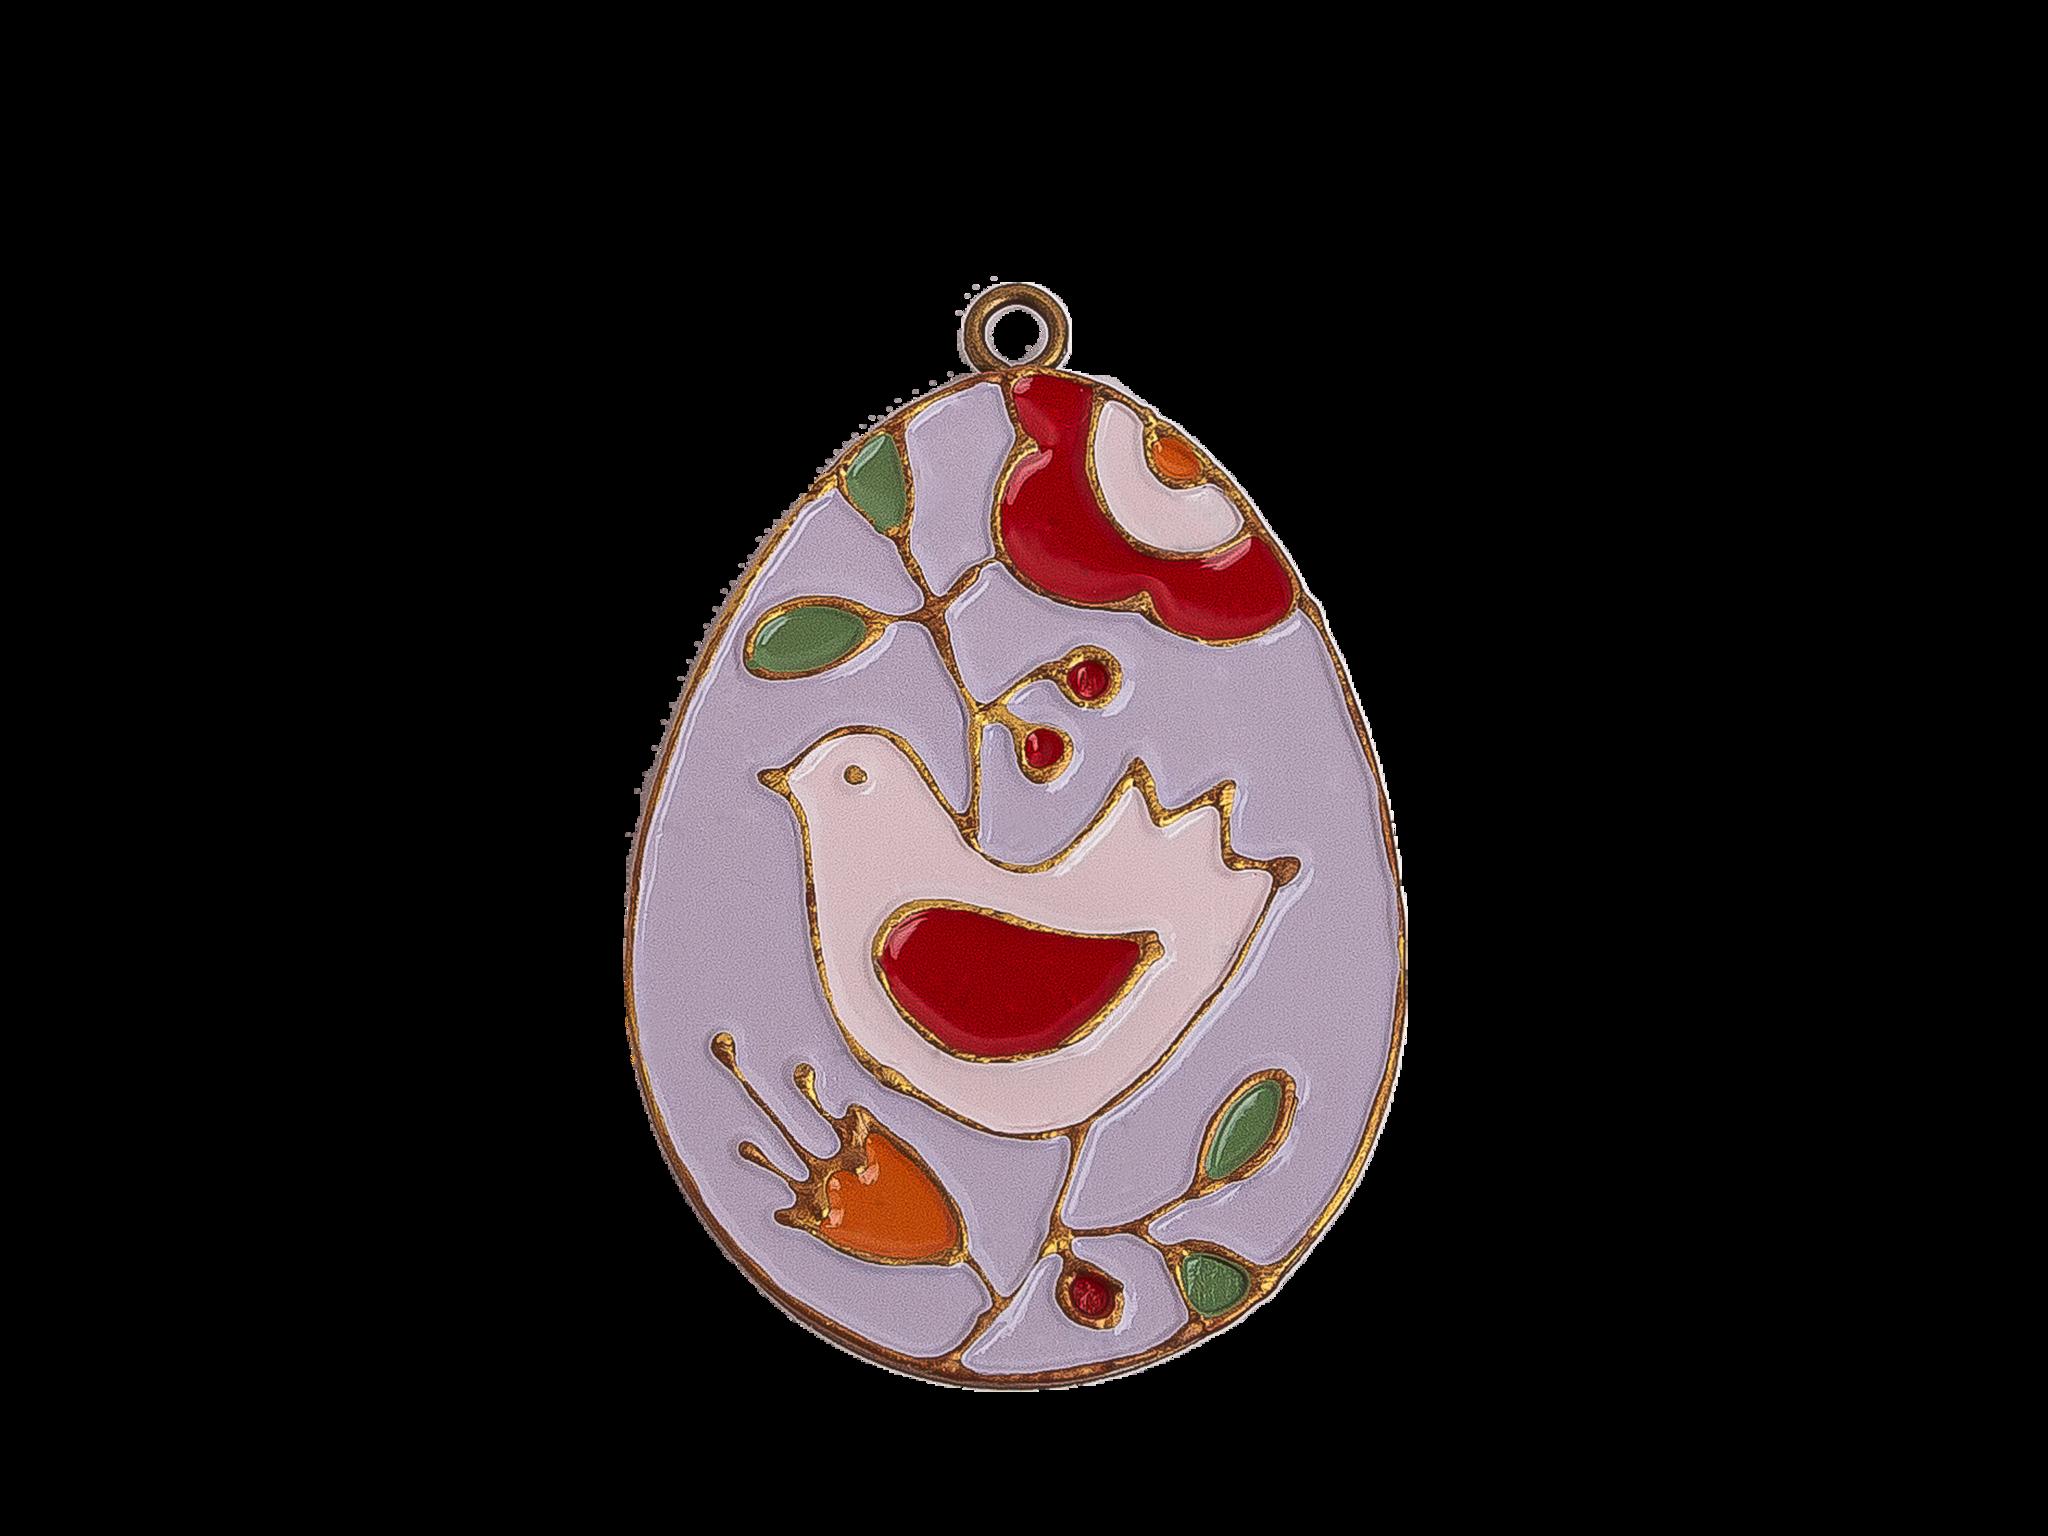 Пасхальное украшение Яйцо с Птицей, цвет: светло-лиловый